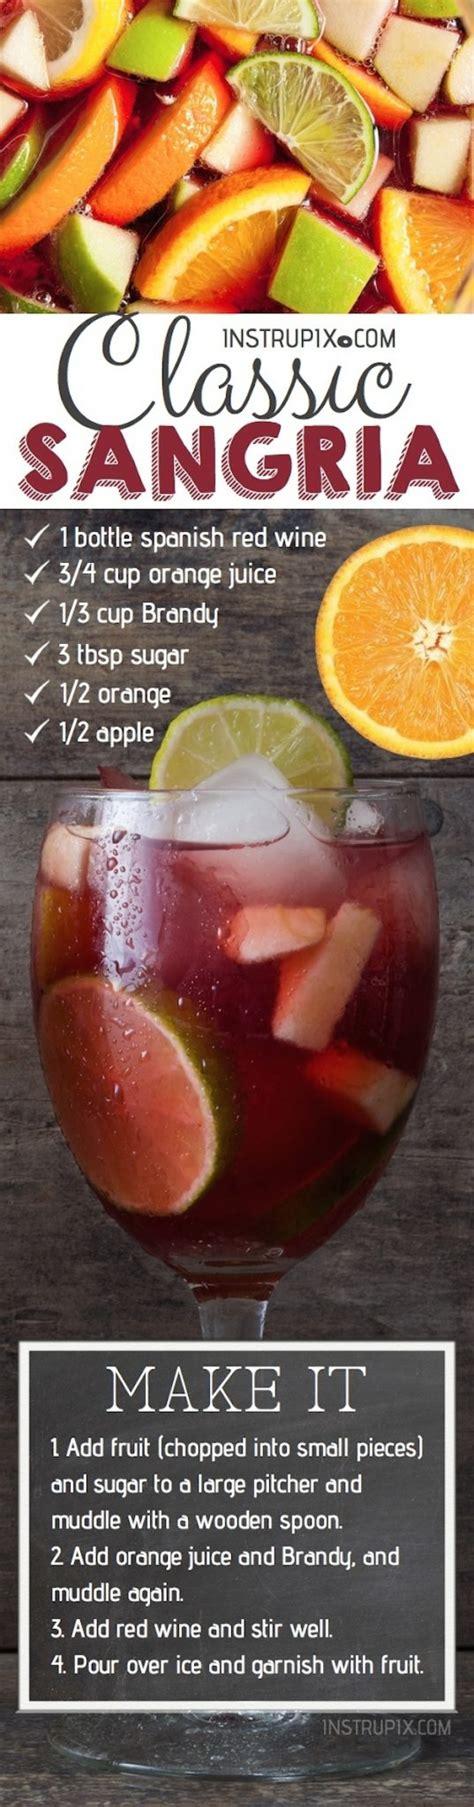 wine sangria recipe easy classic red sangria recipe